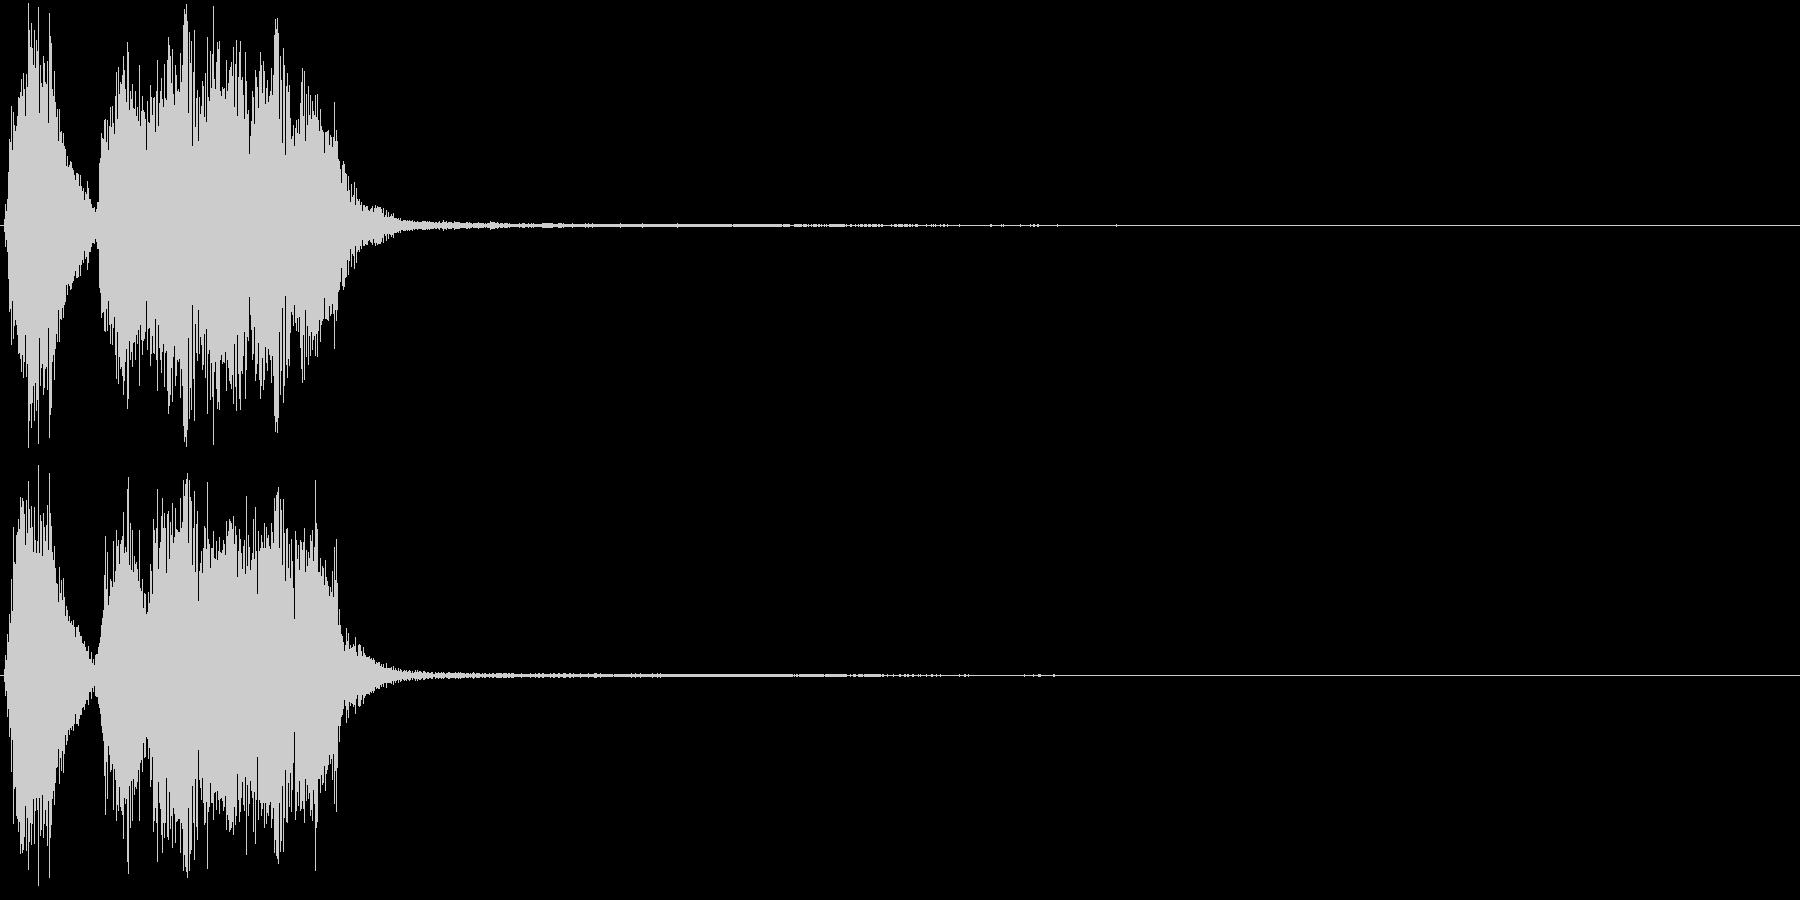 トランペット ファンファーレ 定番 4の未再生の波形